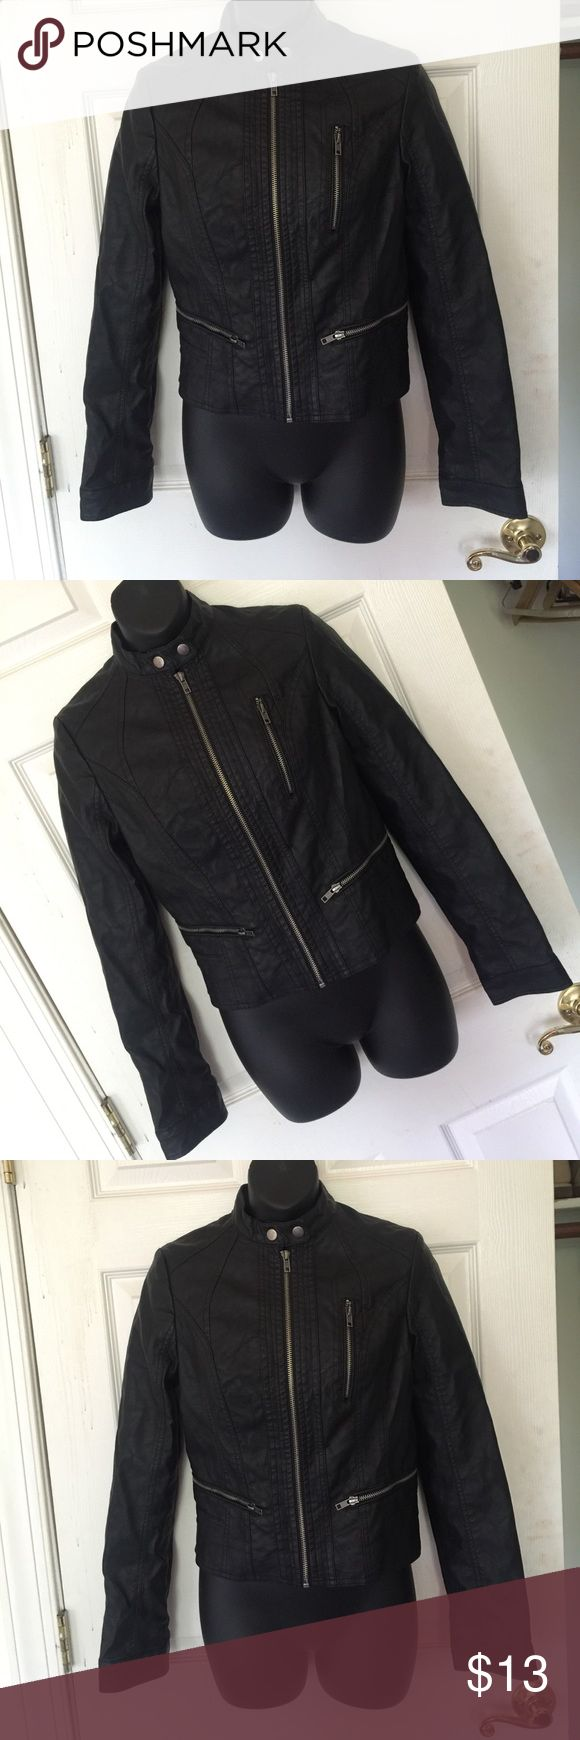 Leather jacket damage - Cute Black Leather Jacket